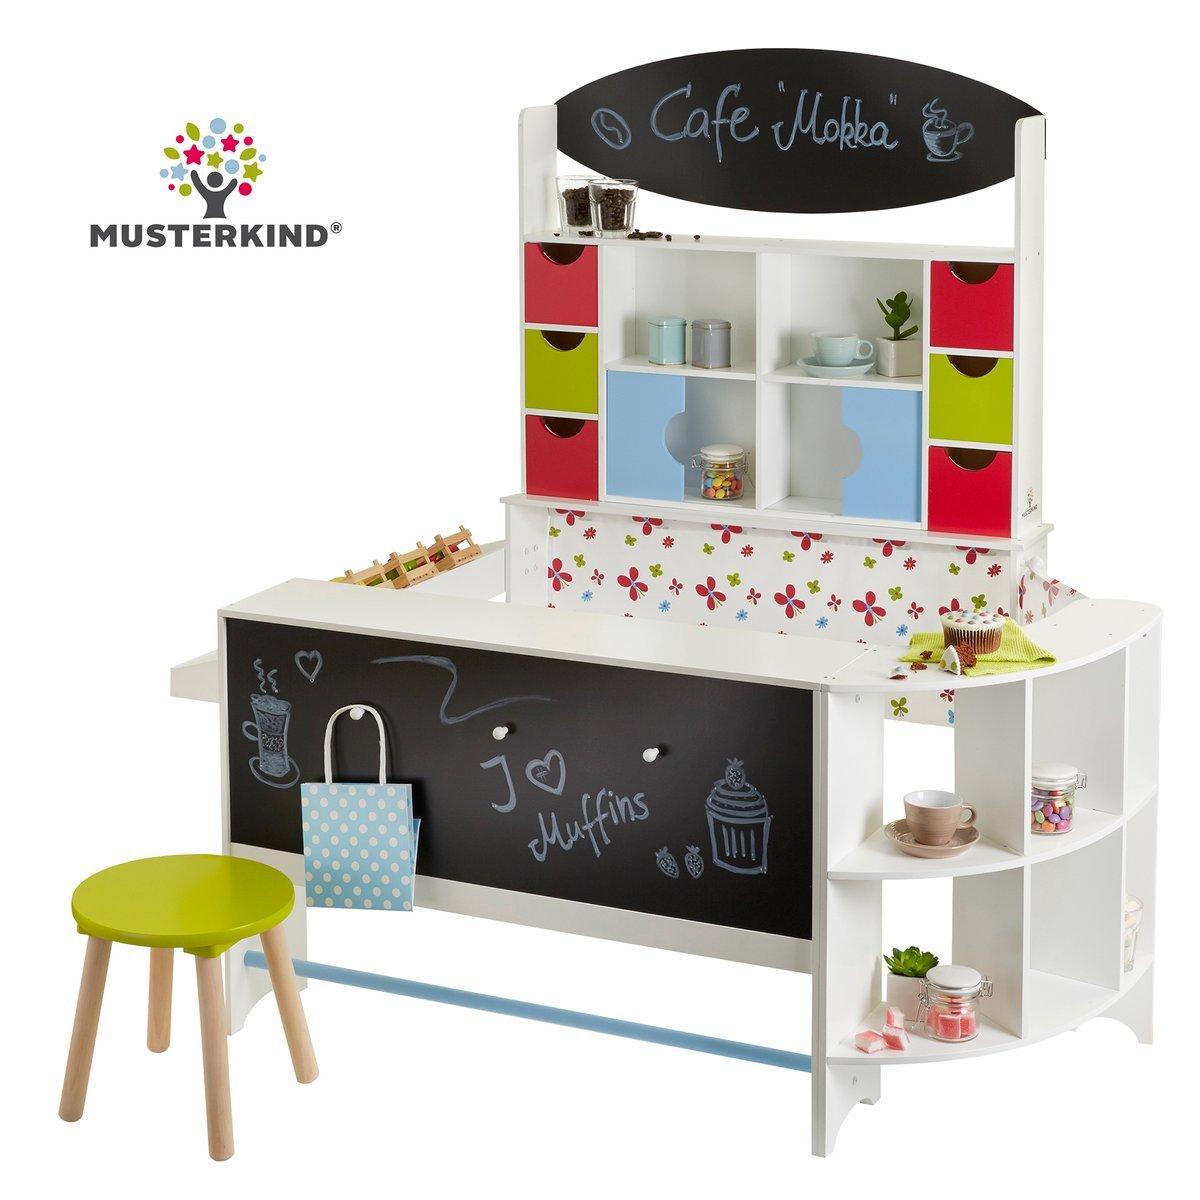 Musterkind Kaufladen & Cafe